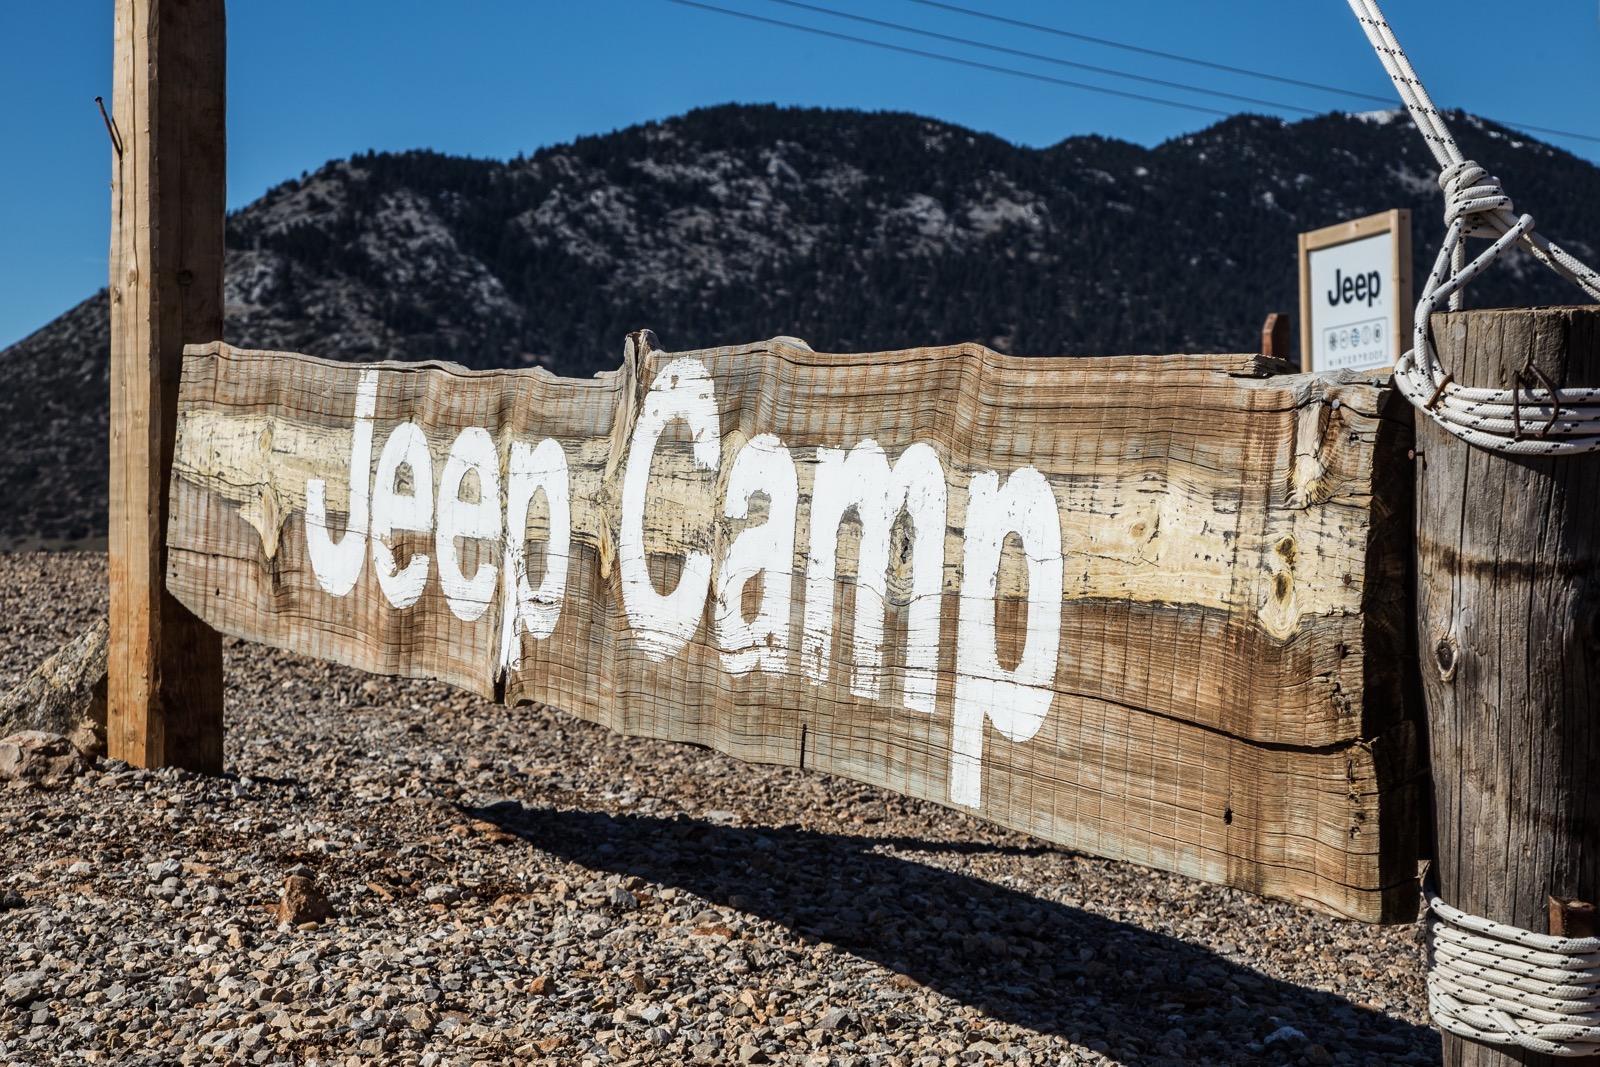 Jeep_Camp_Arahova_117